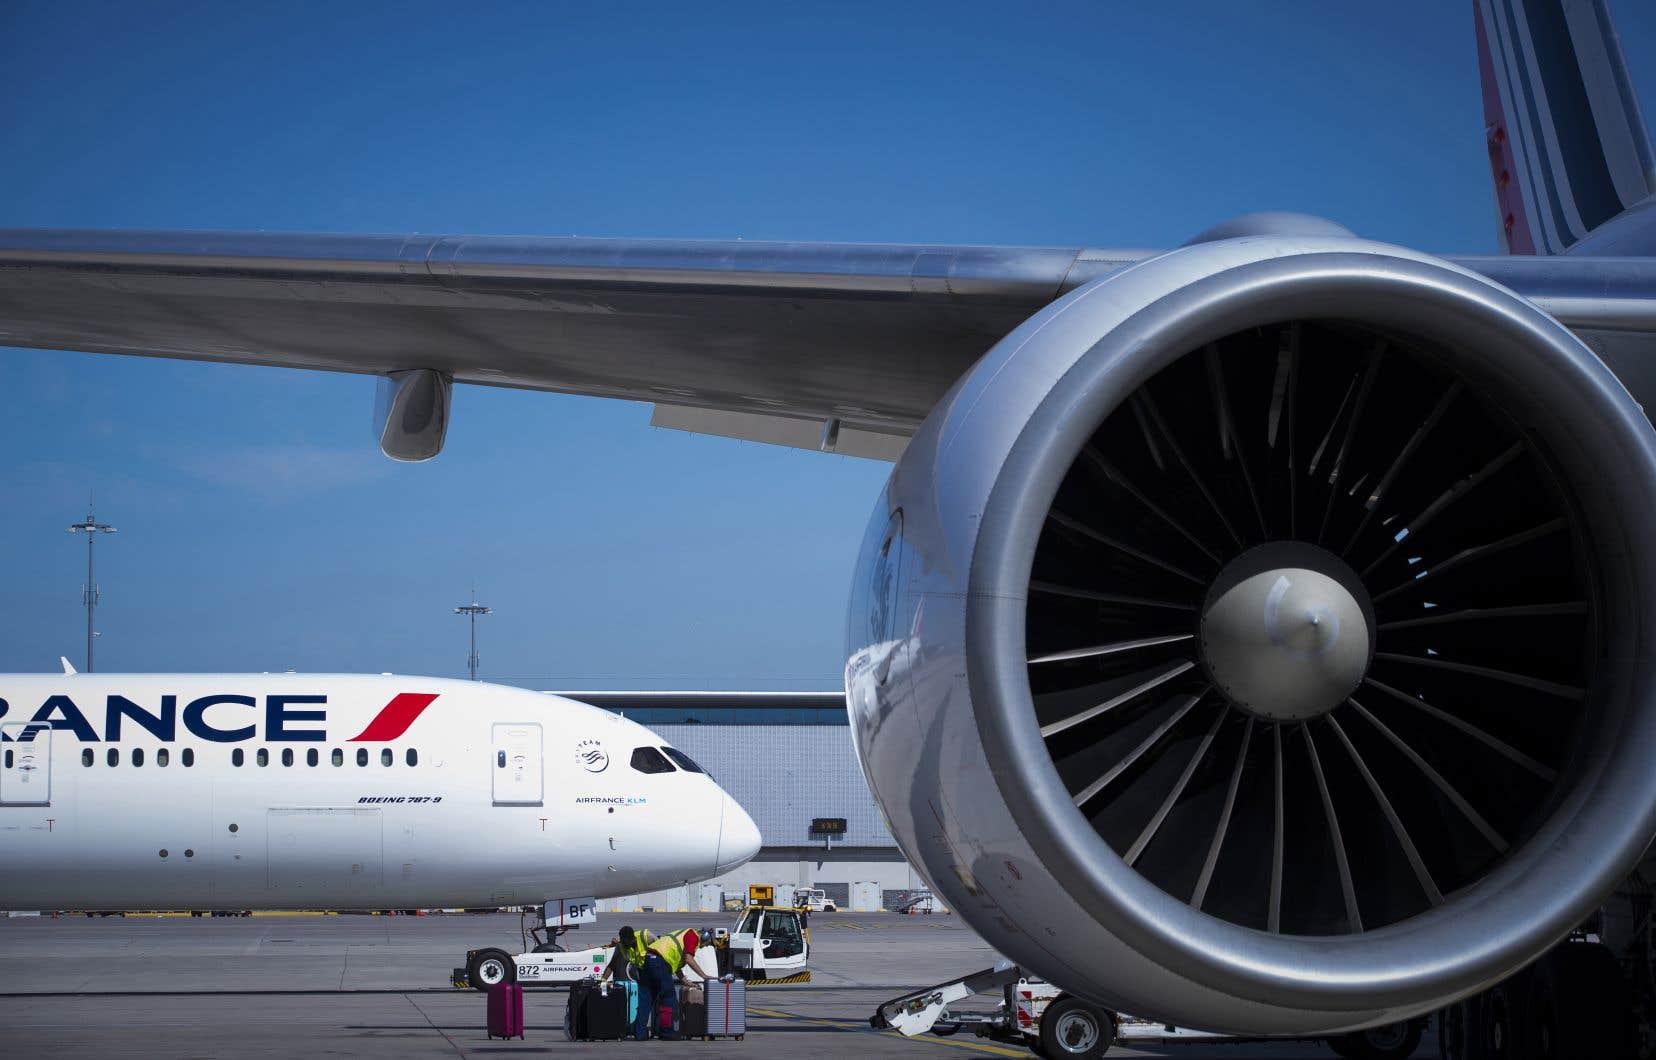 Le groupe Air France-KLM a annoncé une réduction de son activité de 70% à 90% lors des deux prochains mois au moins.